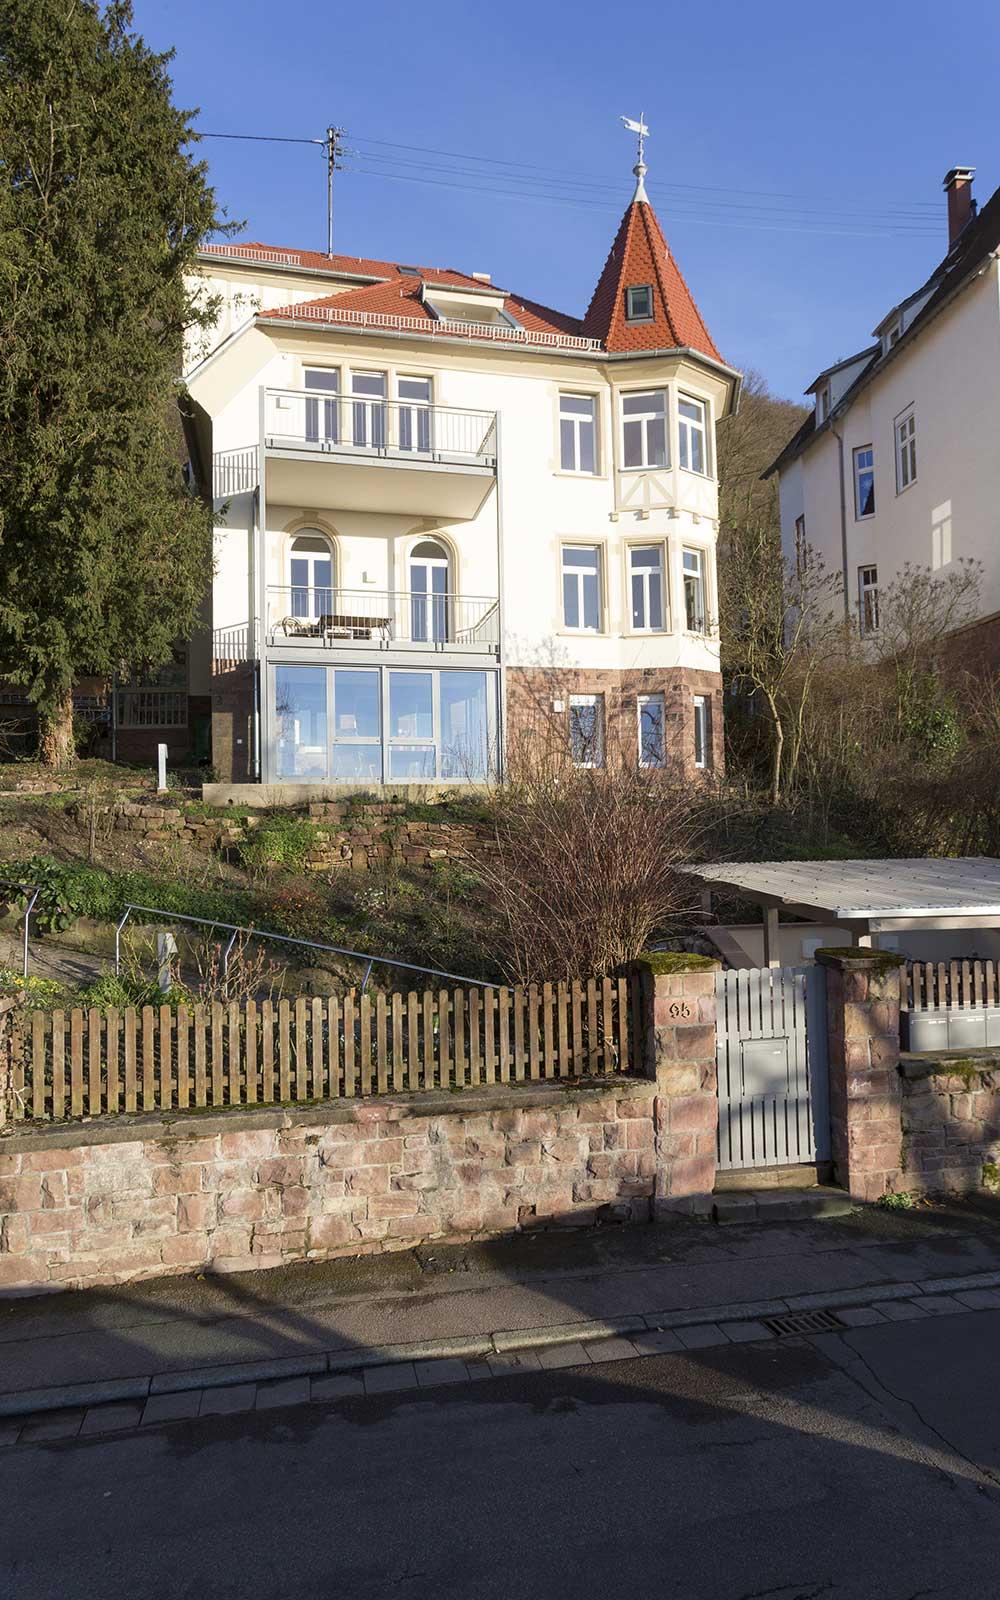 Villa Hilda Weststadt Heidelberg, Kochhan und Weckbach Architekten Heidelberg